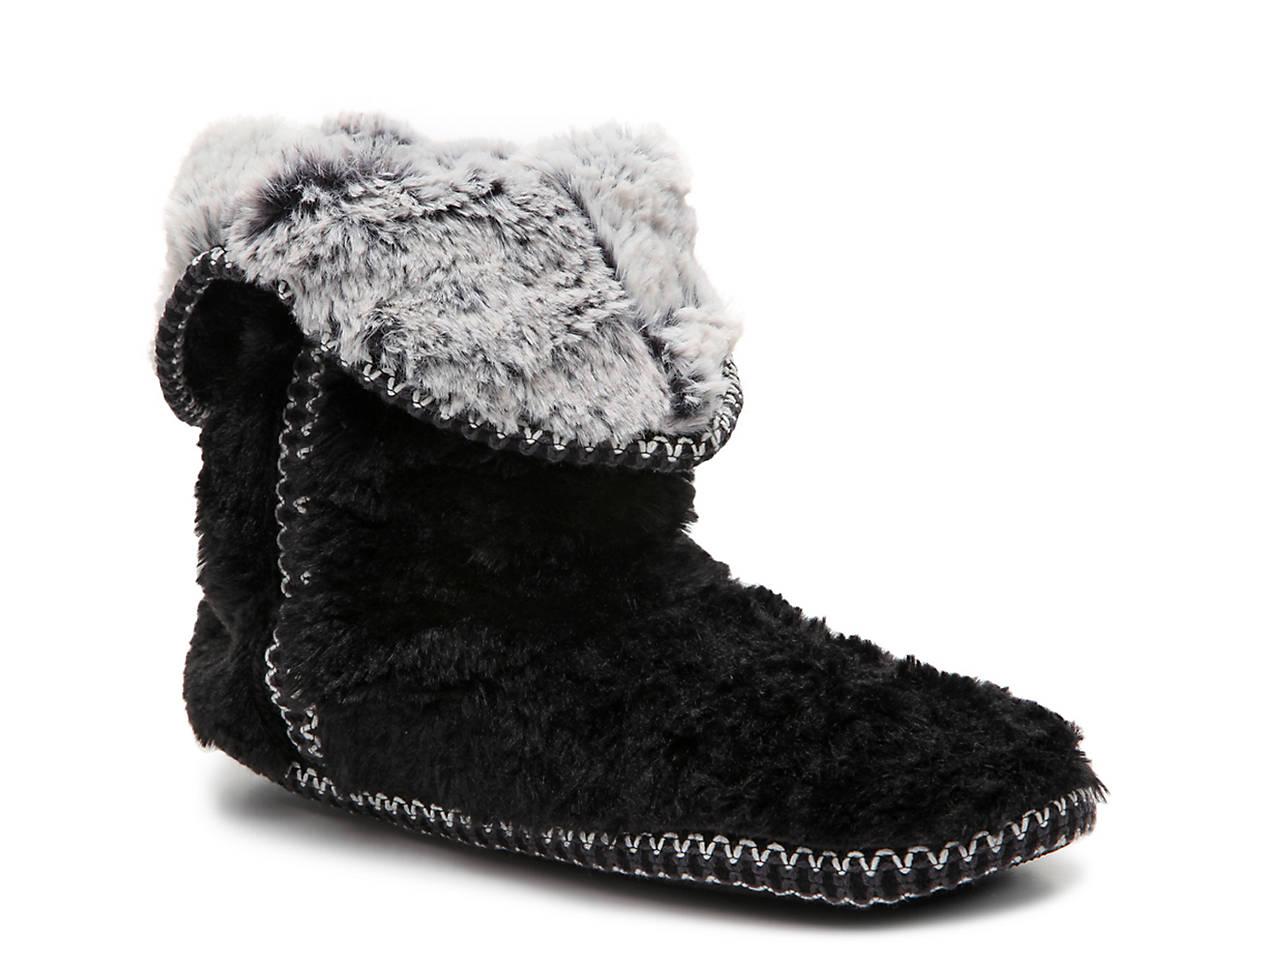 7069e9f45708 Dearfoams Pile Bootie Slipper Women s Shoes